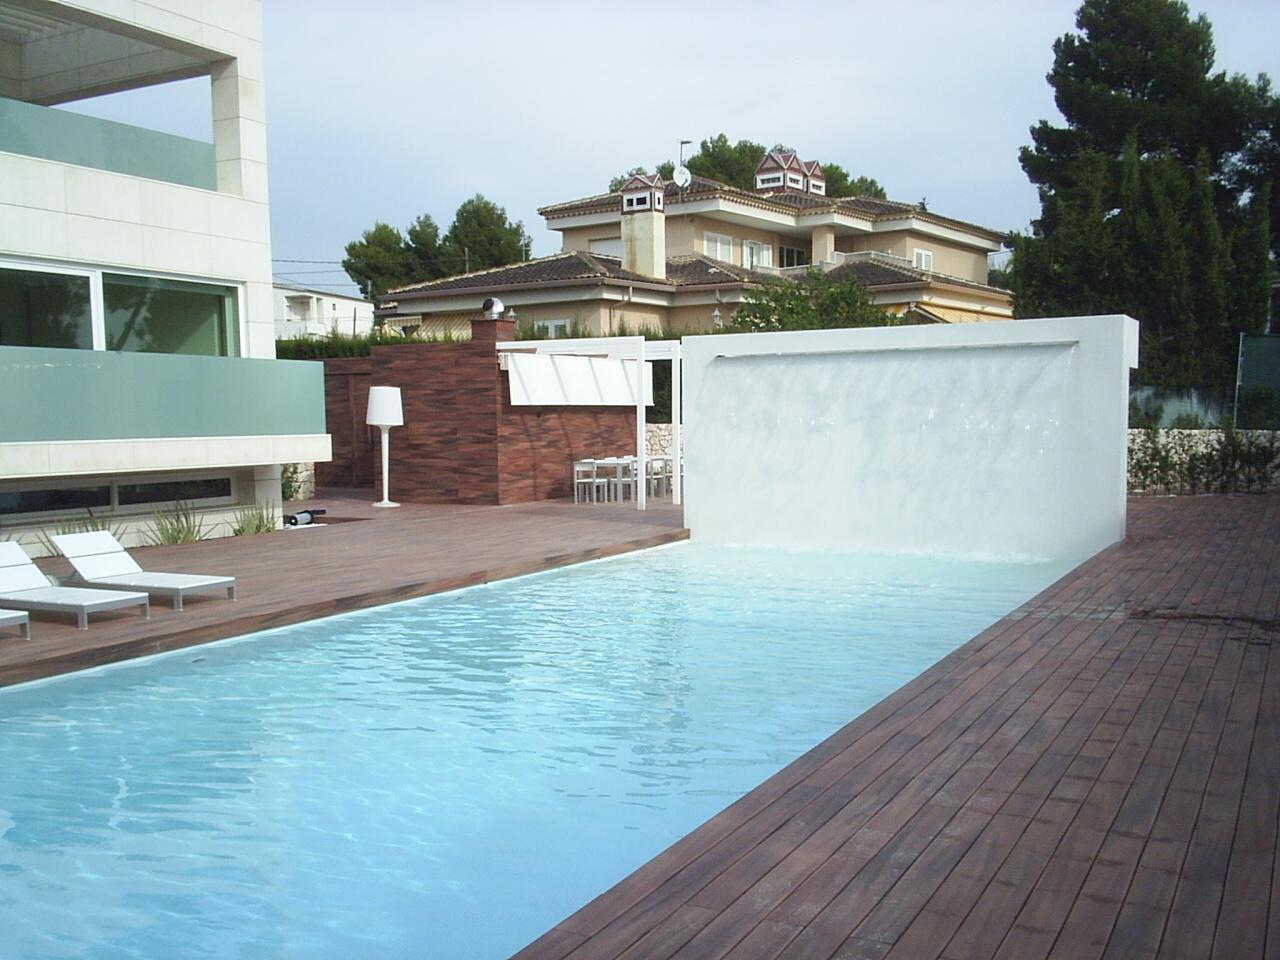 Piscinas en valencia construcci n de piscinas for Piscina climatizada valencia